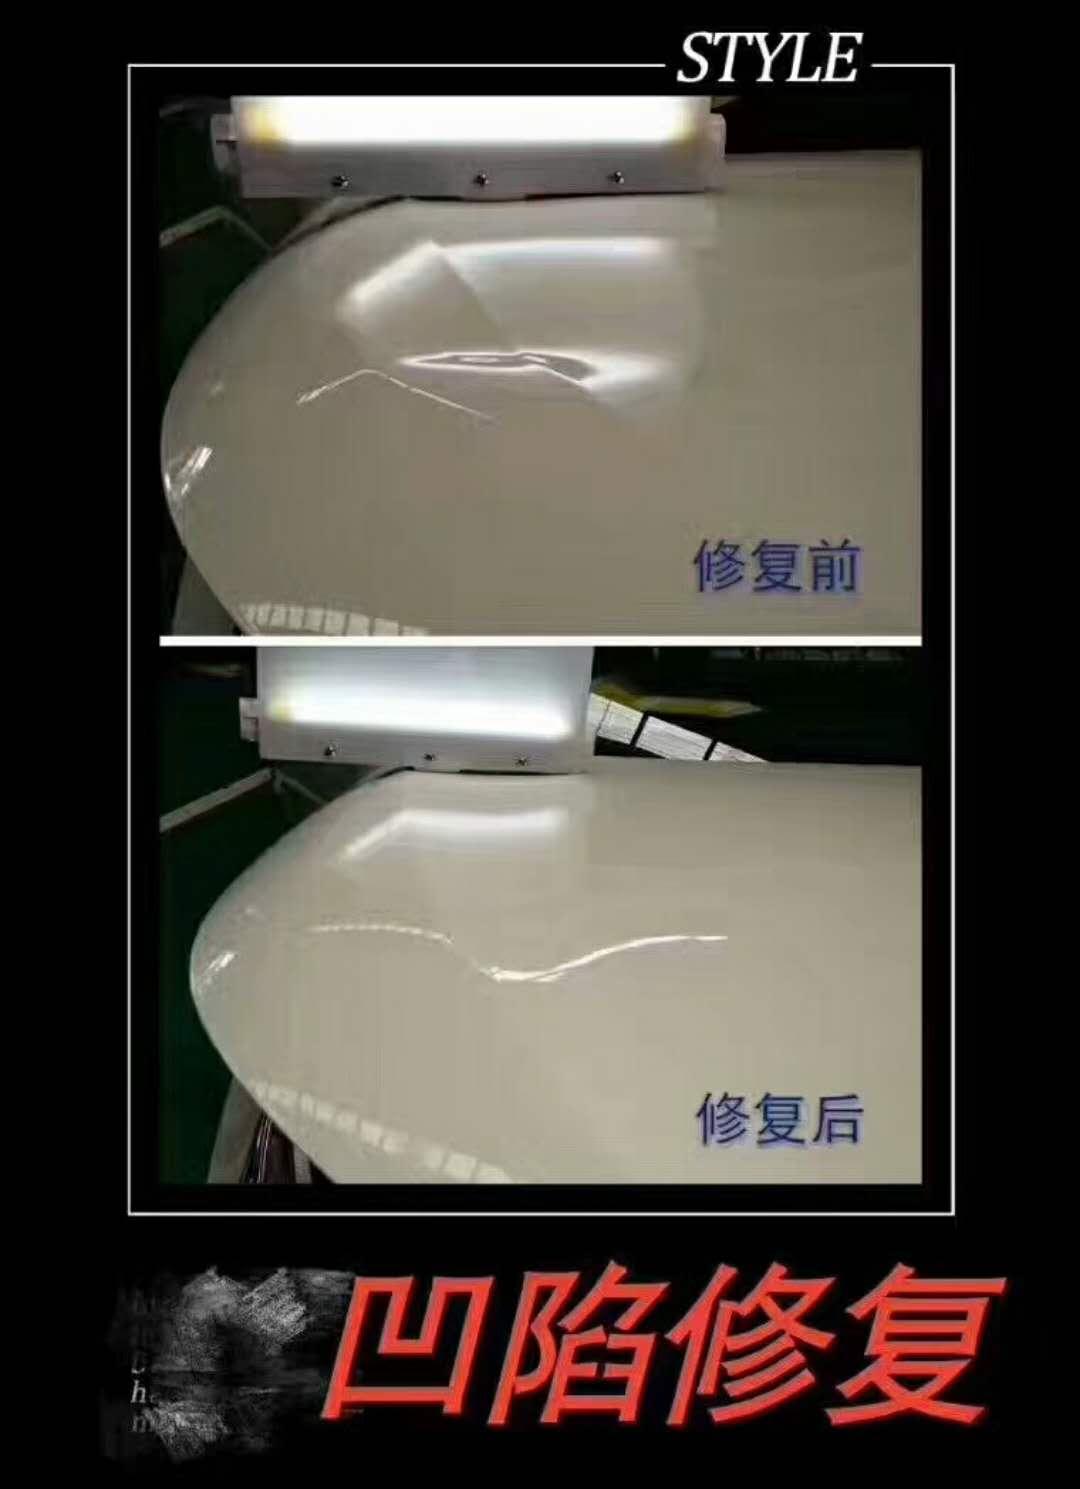 凹陷免喷漆修复对比